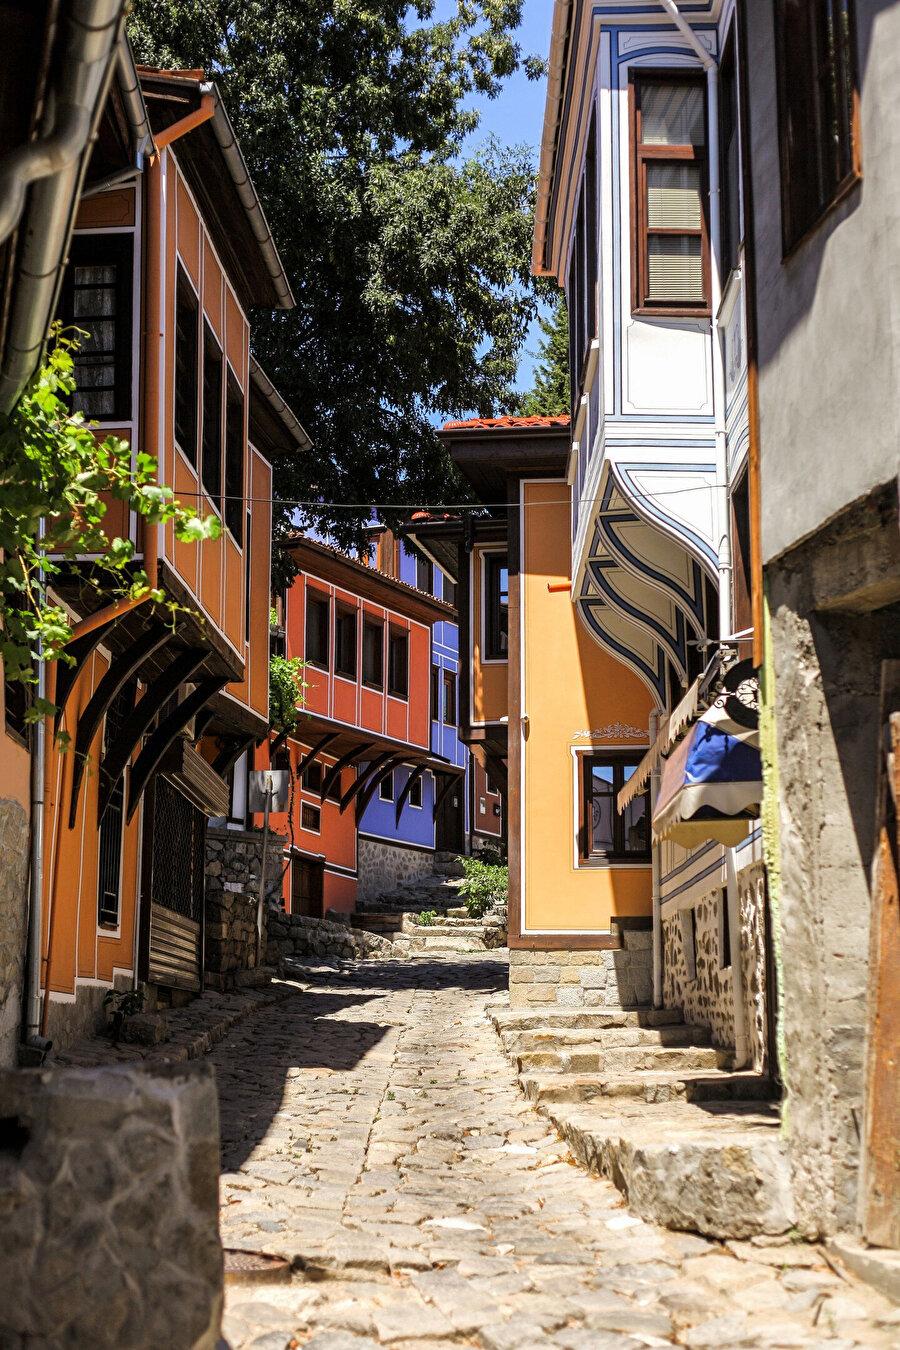 Filibe'nin karakteristik sokakları ve tarihî evleri.